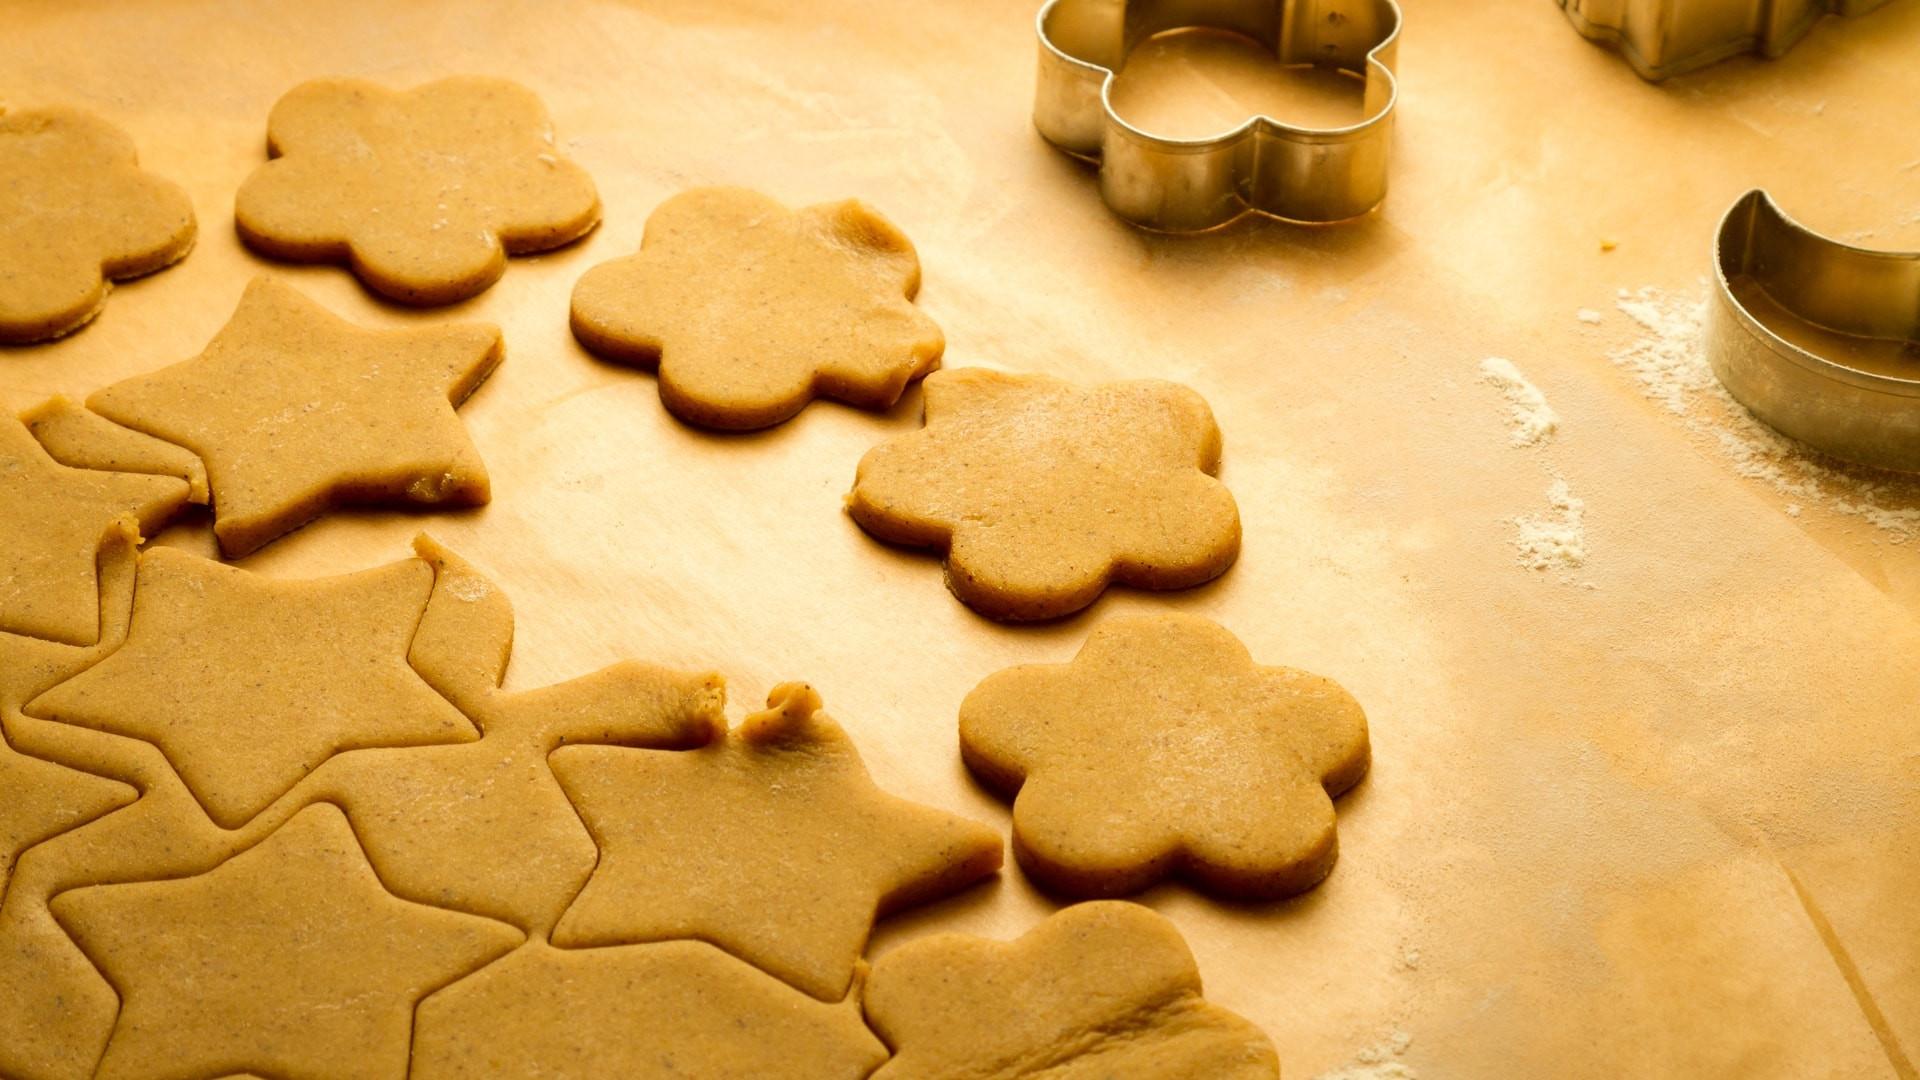 Keto Gingerbread Cookies  Harlan Kilstein s pletely Keto Gingerbread Cookies